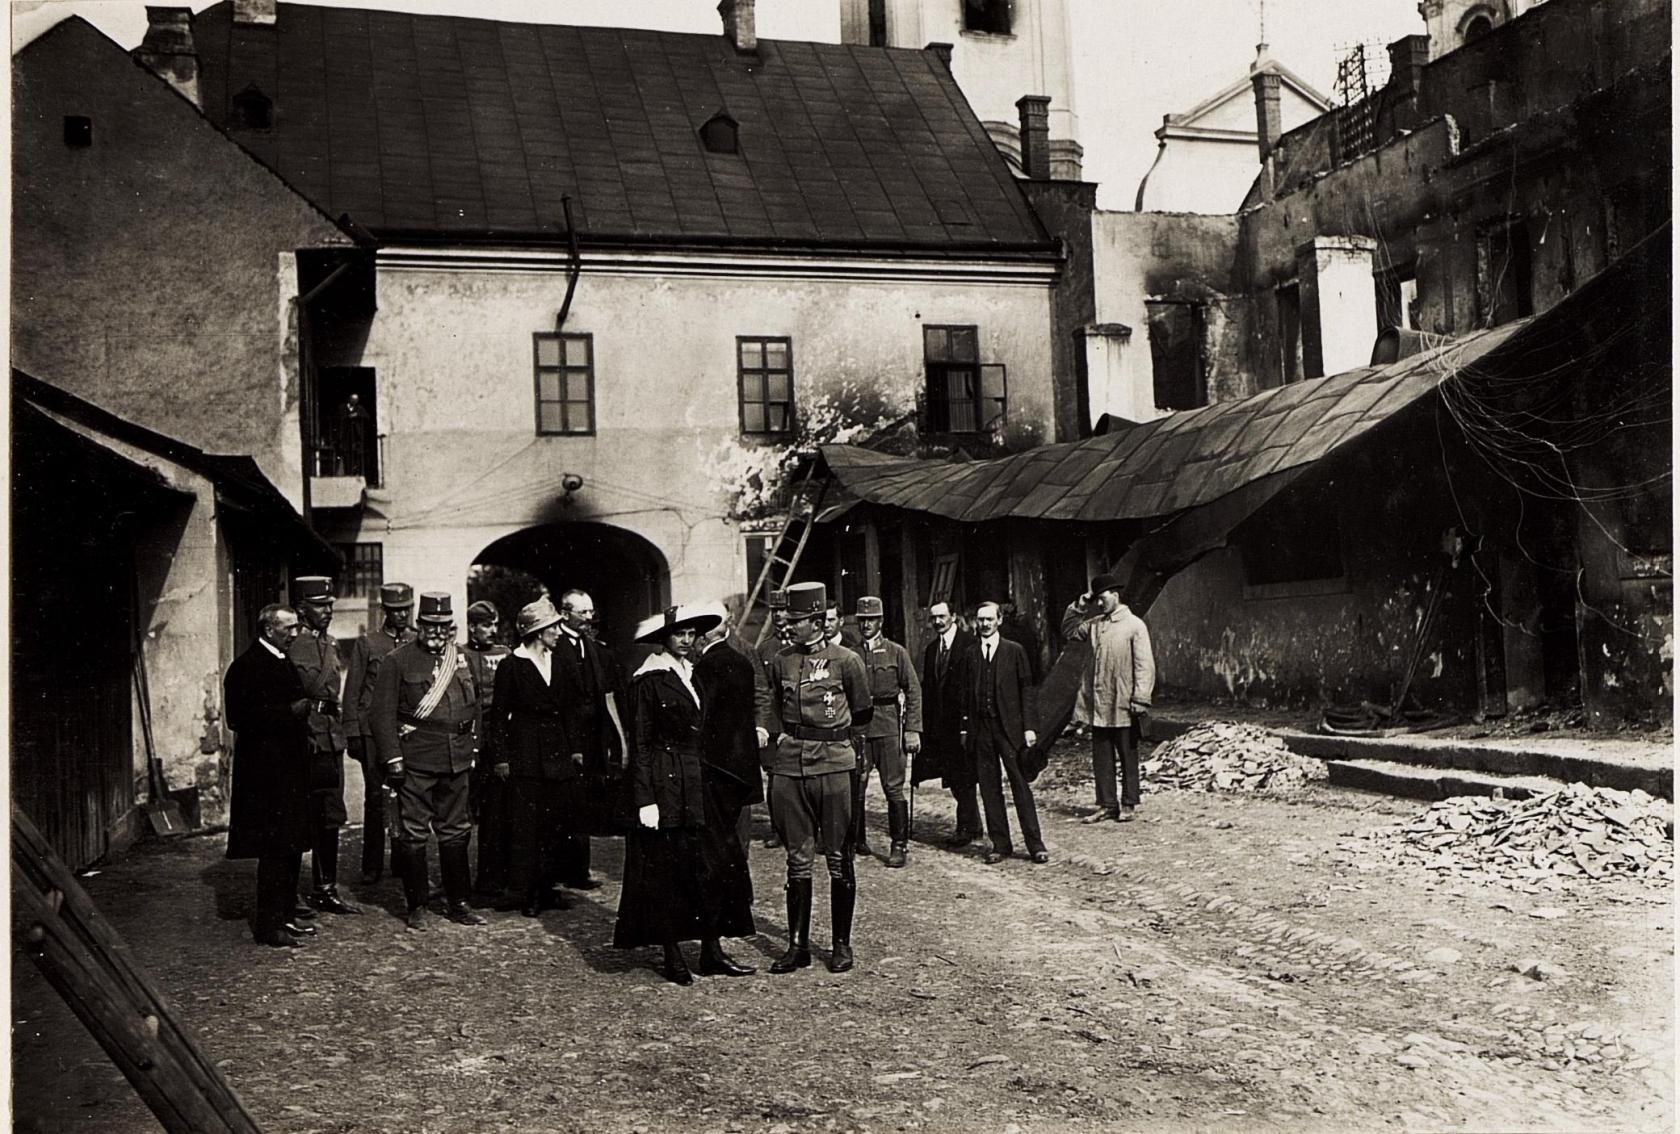 A királyi pár a városháza udvarán. 1917. május 23. Kép: K.u.k. Kriegspressequartier, Lichtbildstelle - Wien - https://www.bildarchivaustria.at / Wikimedia Commons